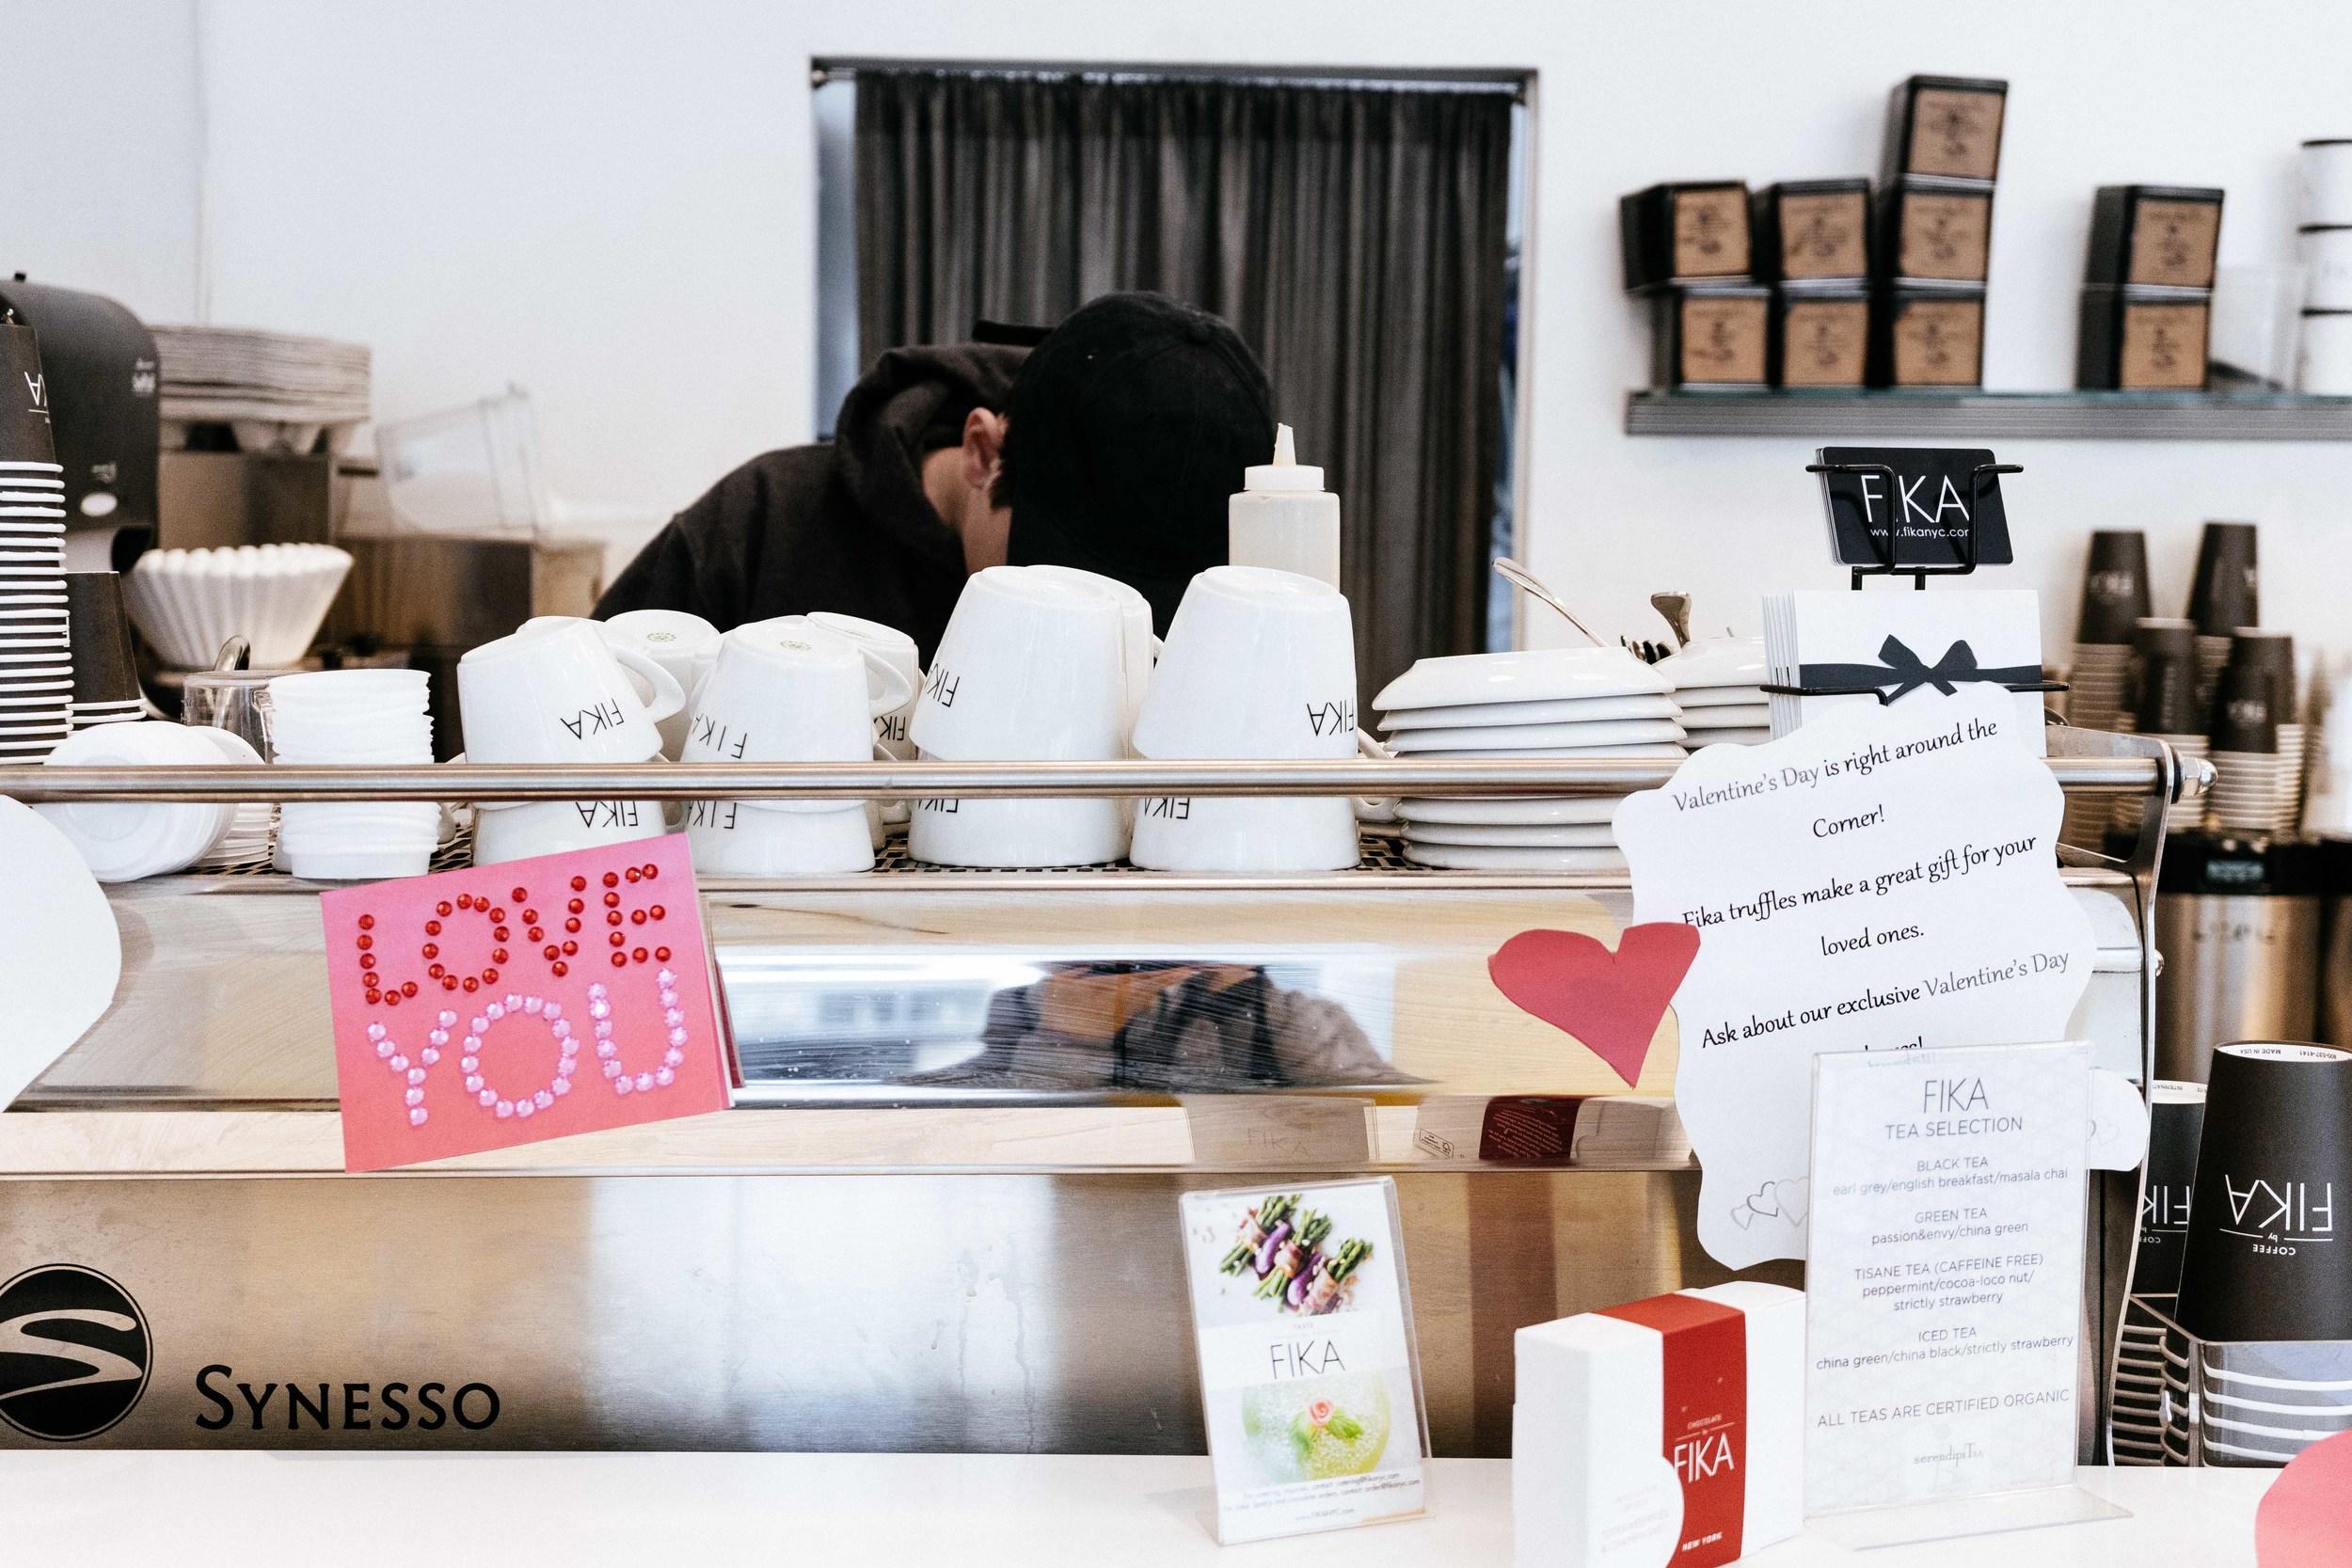 LeSycomore_coffee-shop-FIKA-esspresso-bar-4